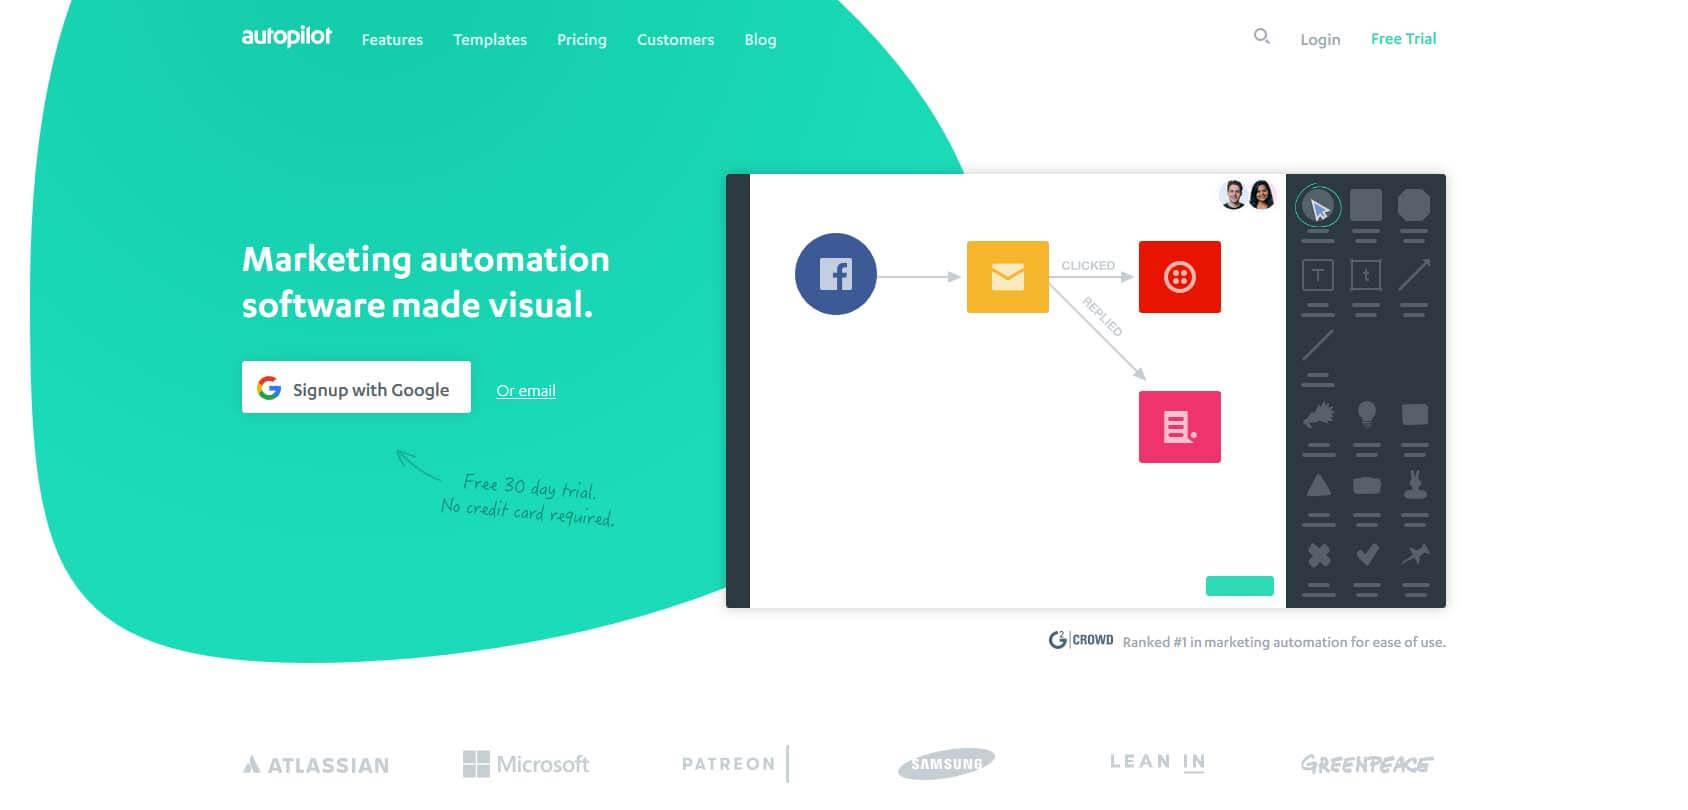 Autopilot homepage